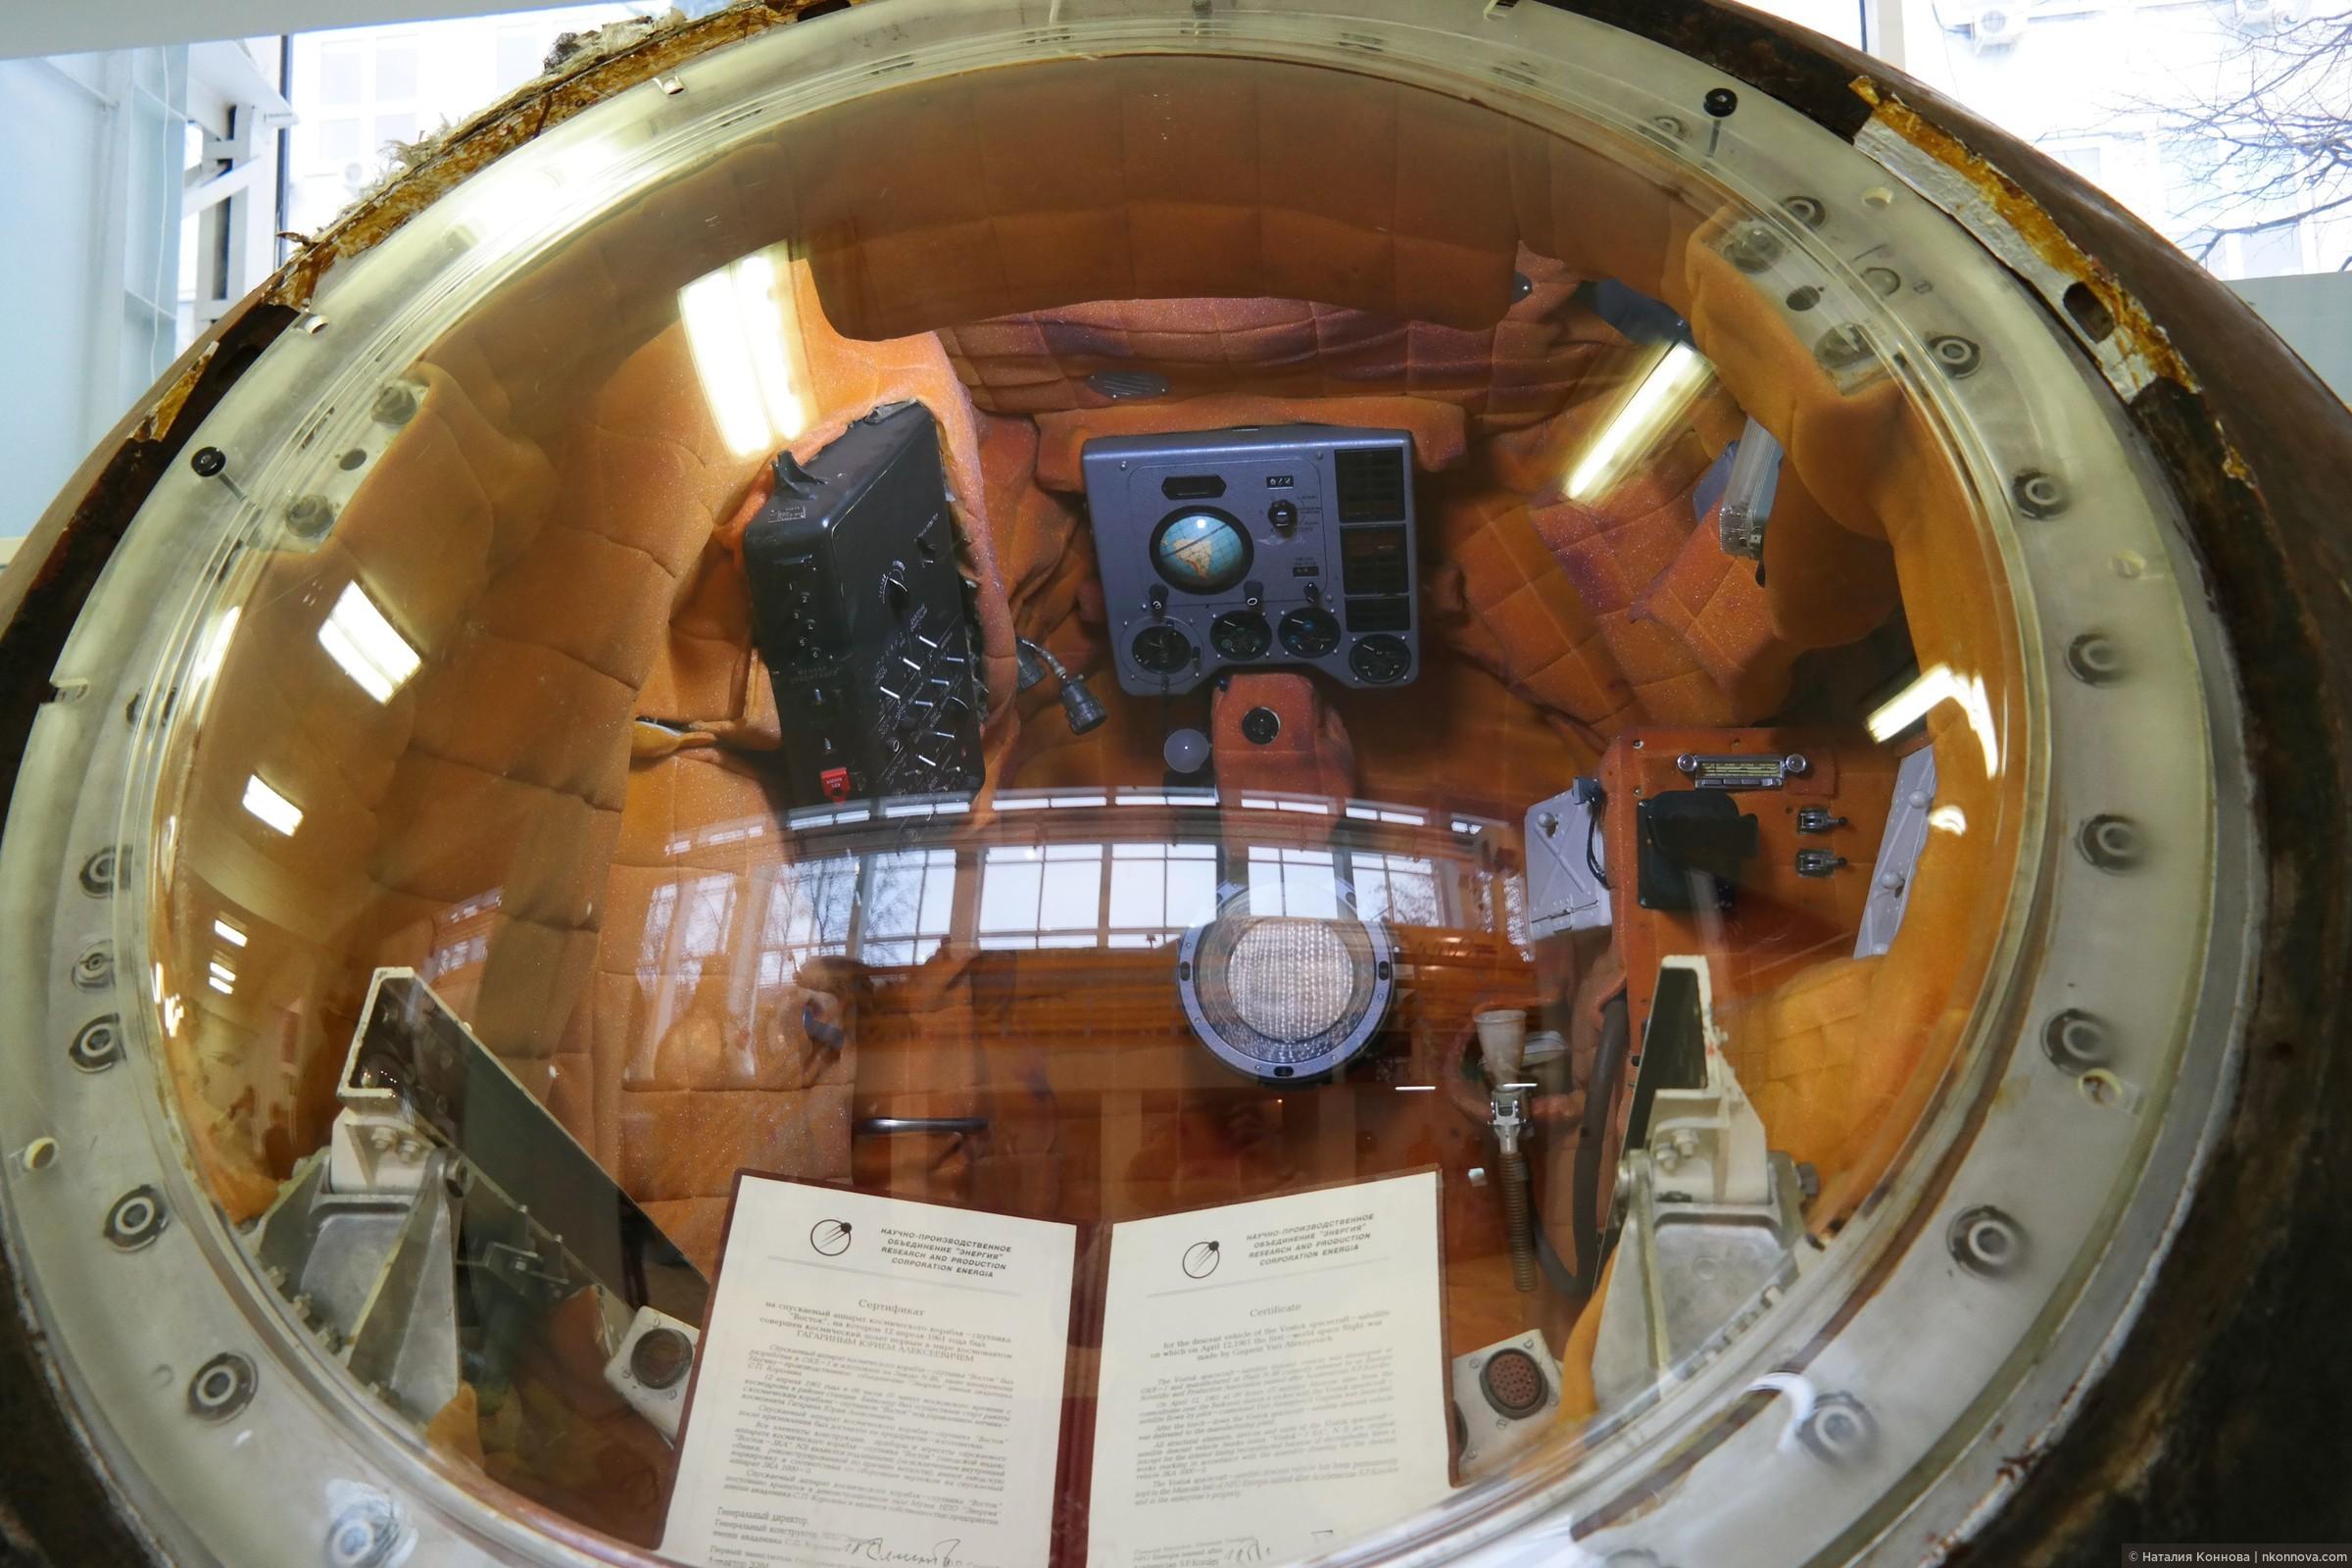 Масса спускаемого аппарата - 2500 кг. Апогей орбиты - 327 км. Длительность полета - 1 ч 48 мин. Старт - Байконур, приземление - Саратовская обл., Музей РКК «Энергия» им. Королева